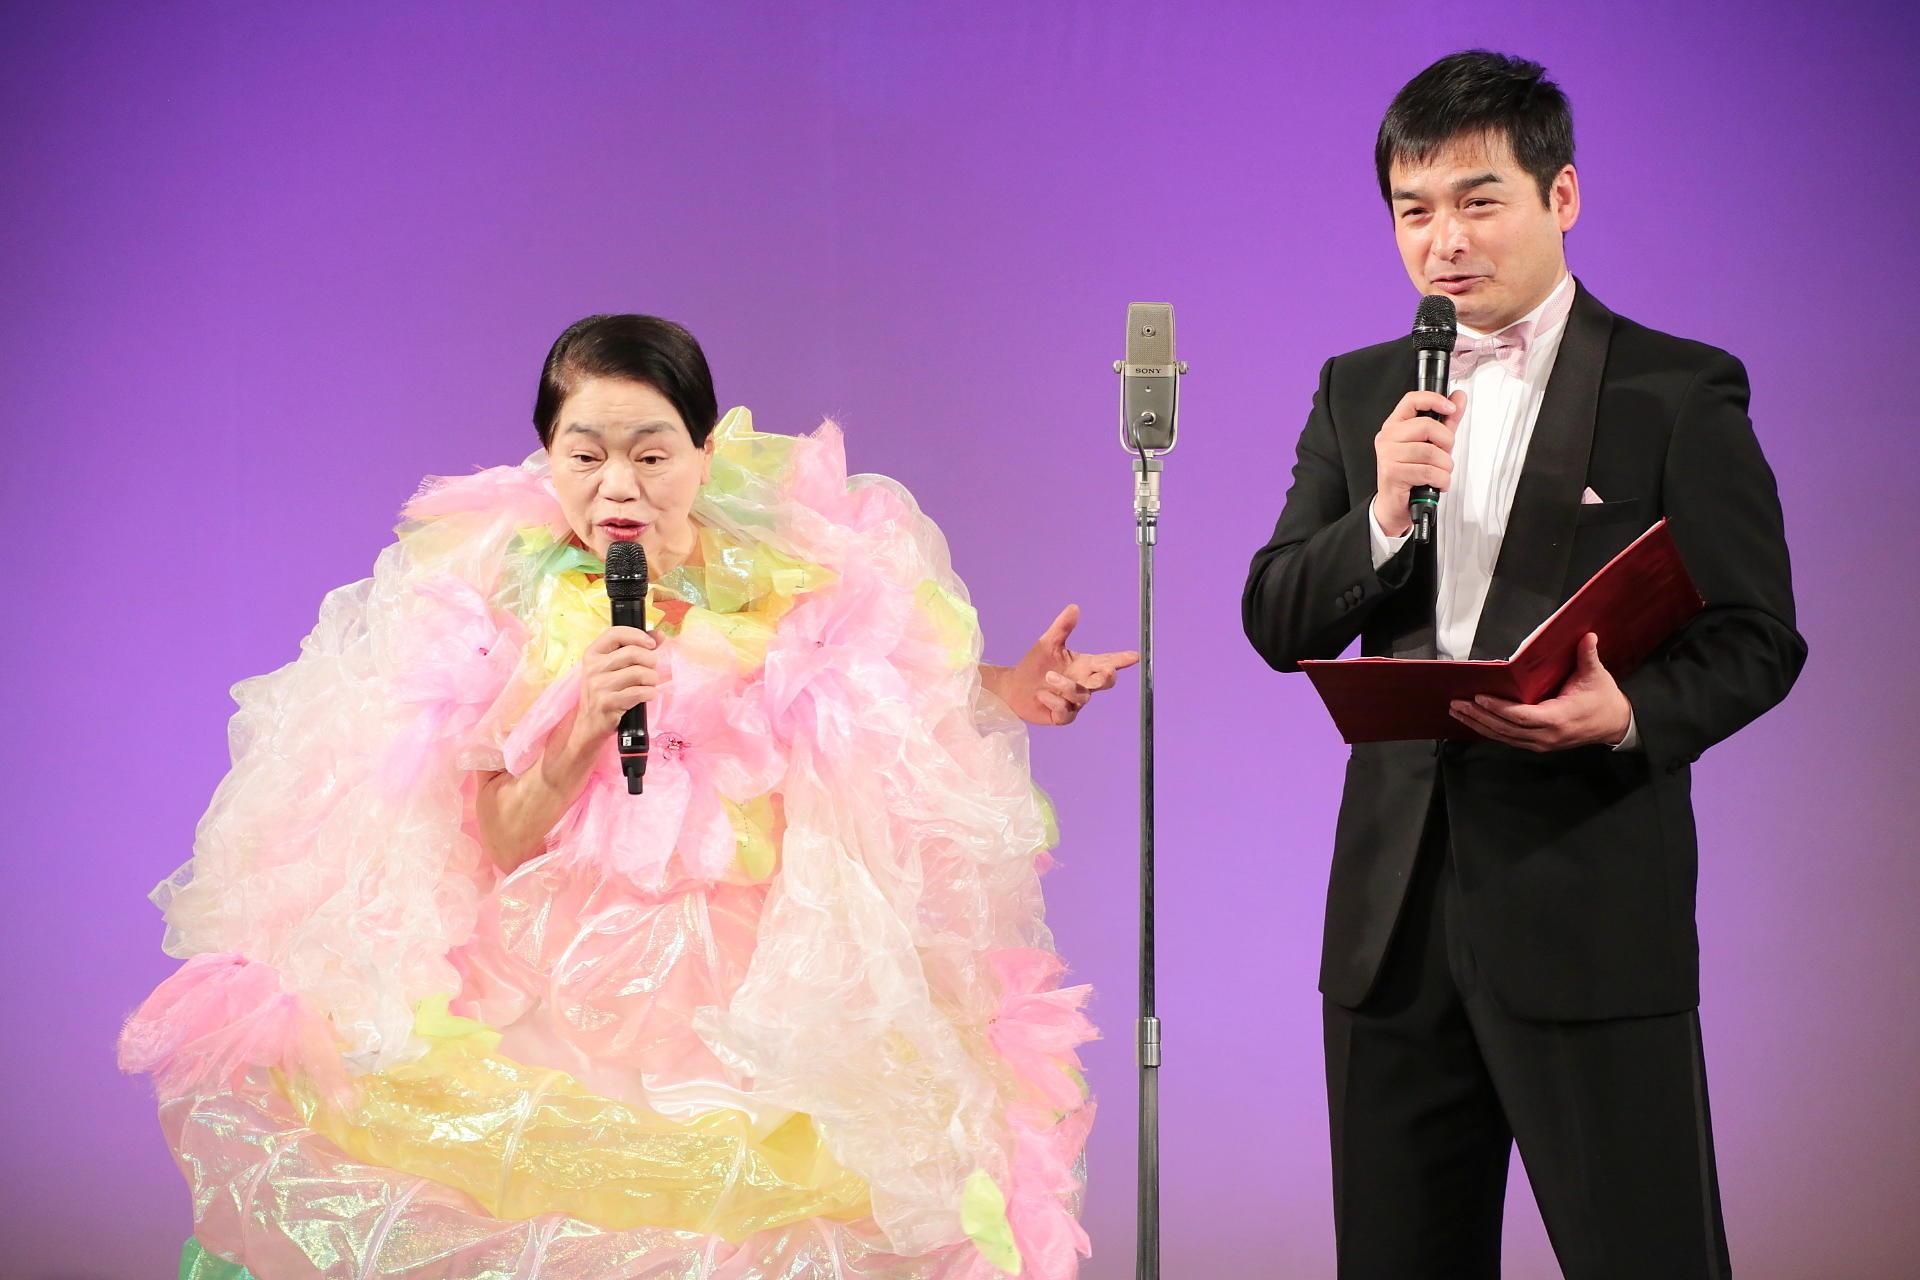 http://news.yoshimoto.co.jp/20171223171012-8e85a961b68964d43b217884d2acc5f231d1a649.jpg